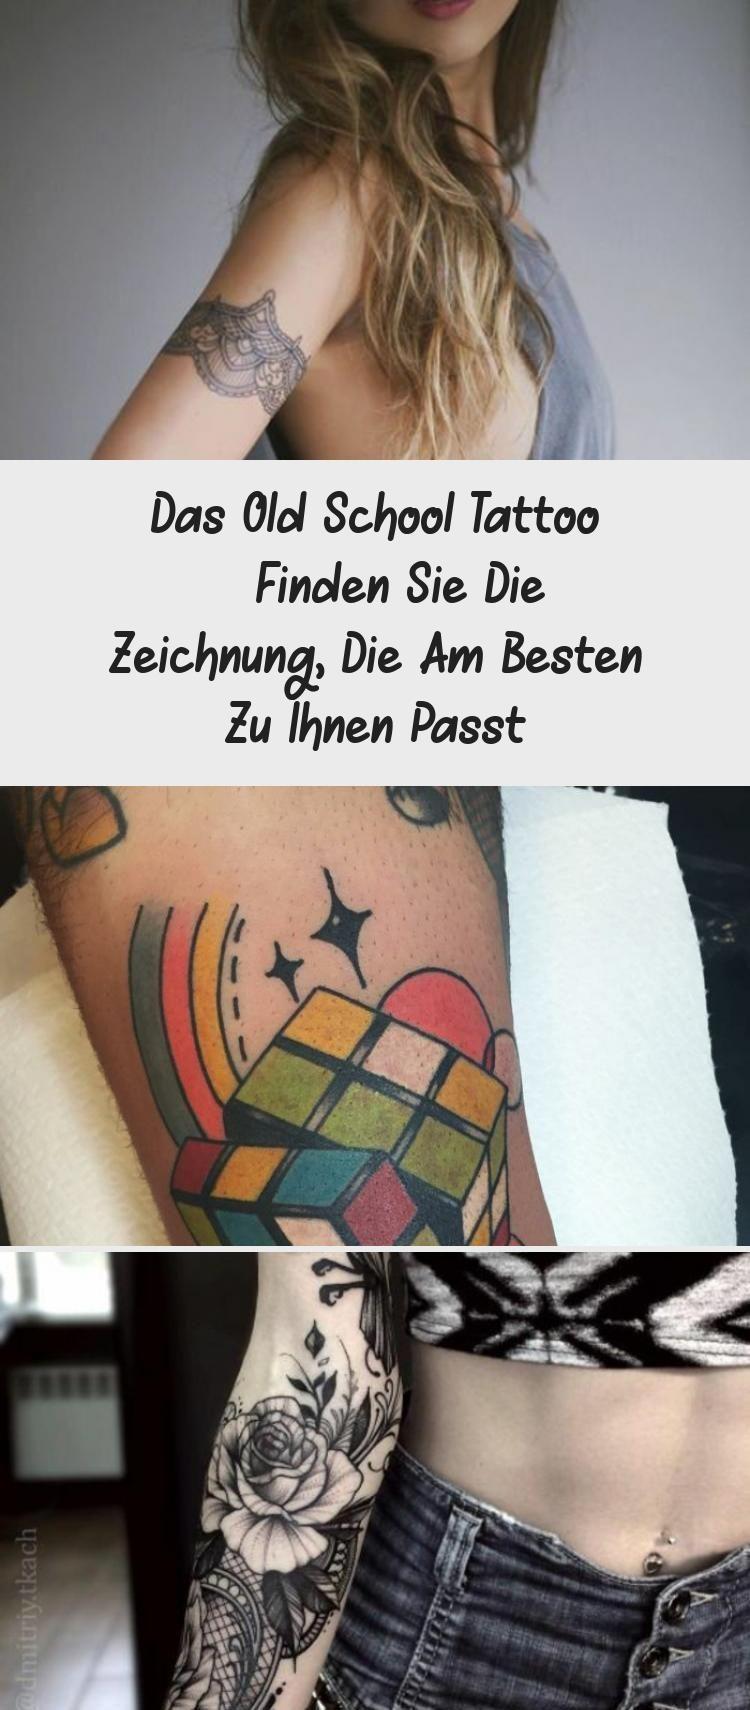 Das Old School Tattoo  Finden Sie die Zeichnung die am besten zu Ihnen passt tattoo designs ideas männer männer ideen old school quotes sketches